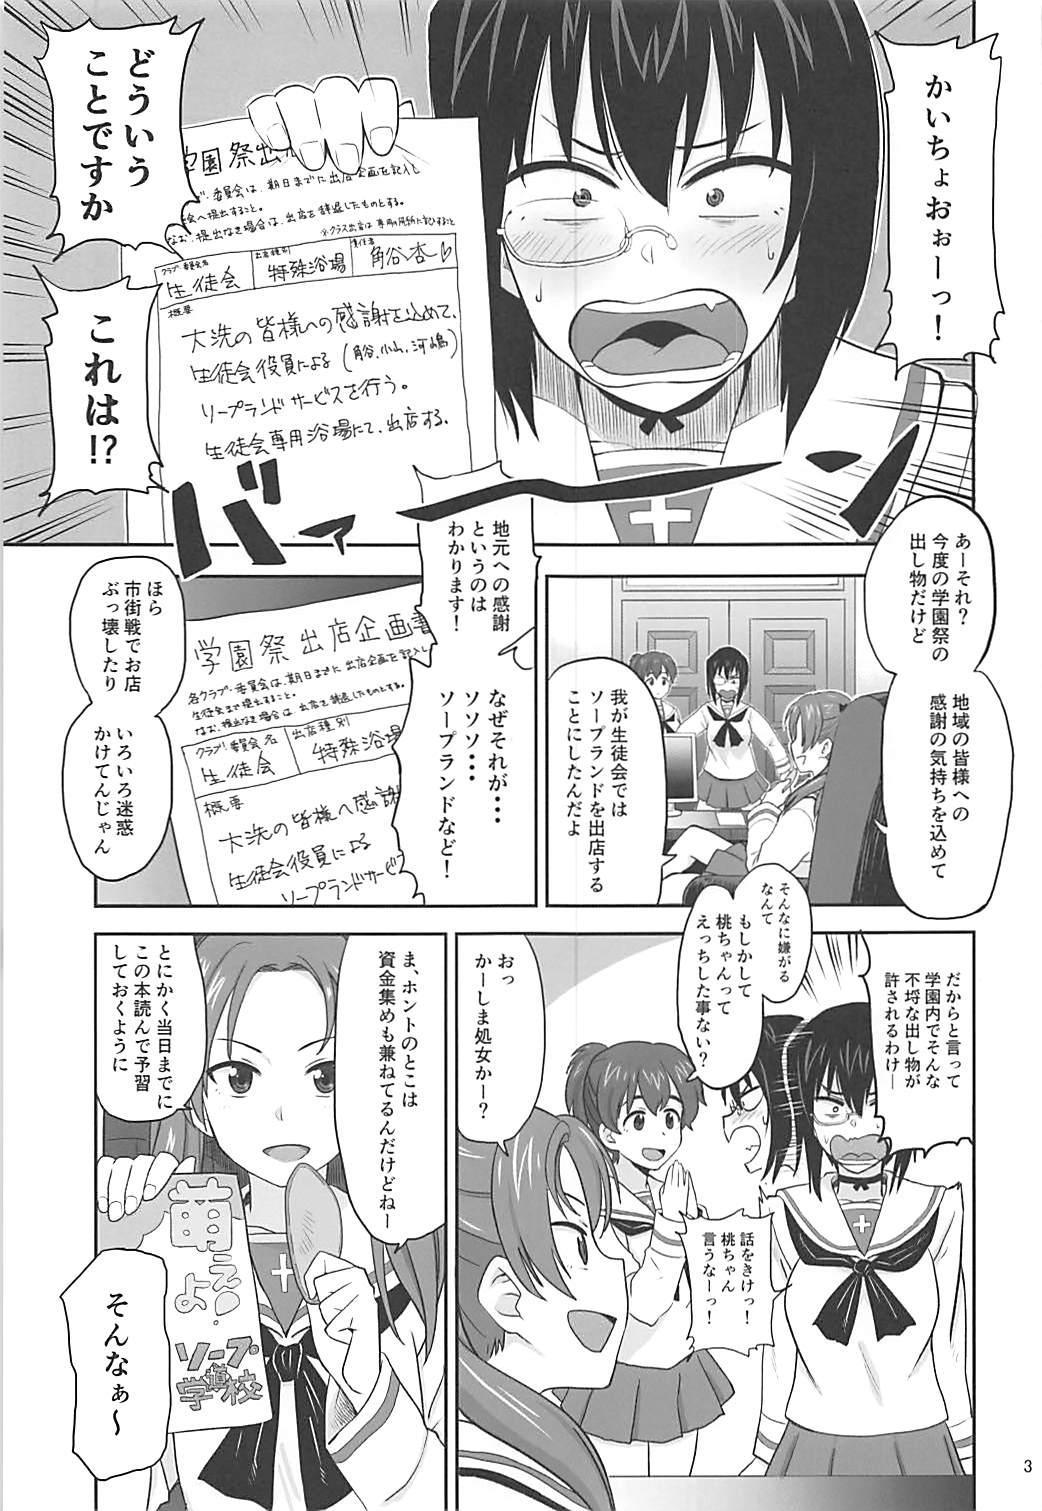 Seitokai Kouhou Nurunuru Sakusen 1